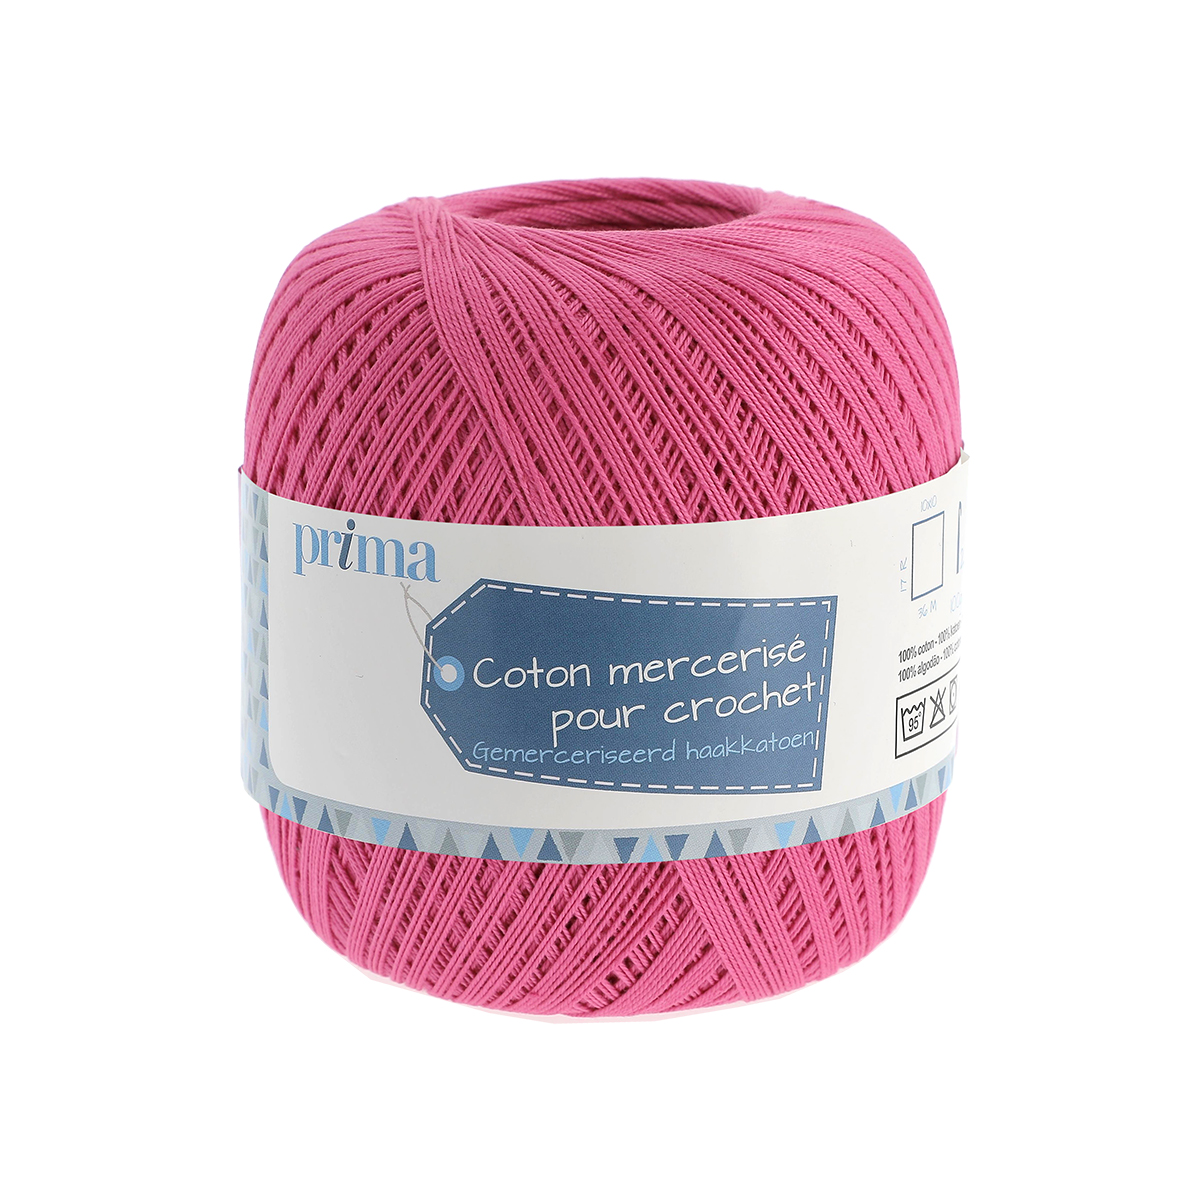 Coton à crocheter rose - Prima Mercerie